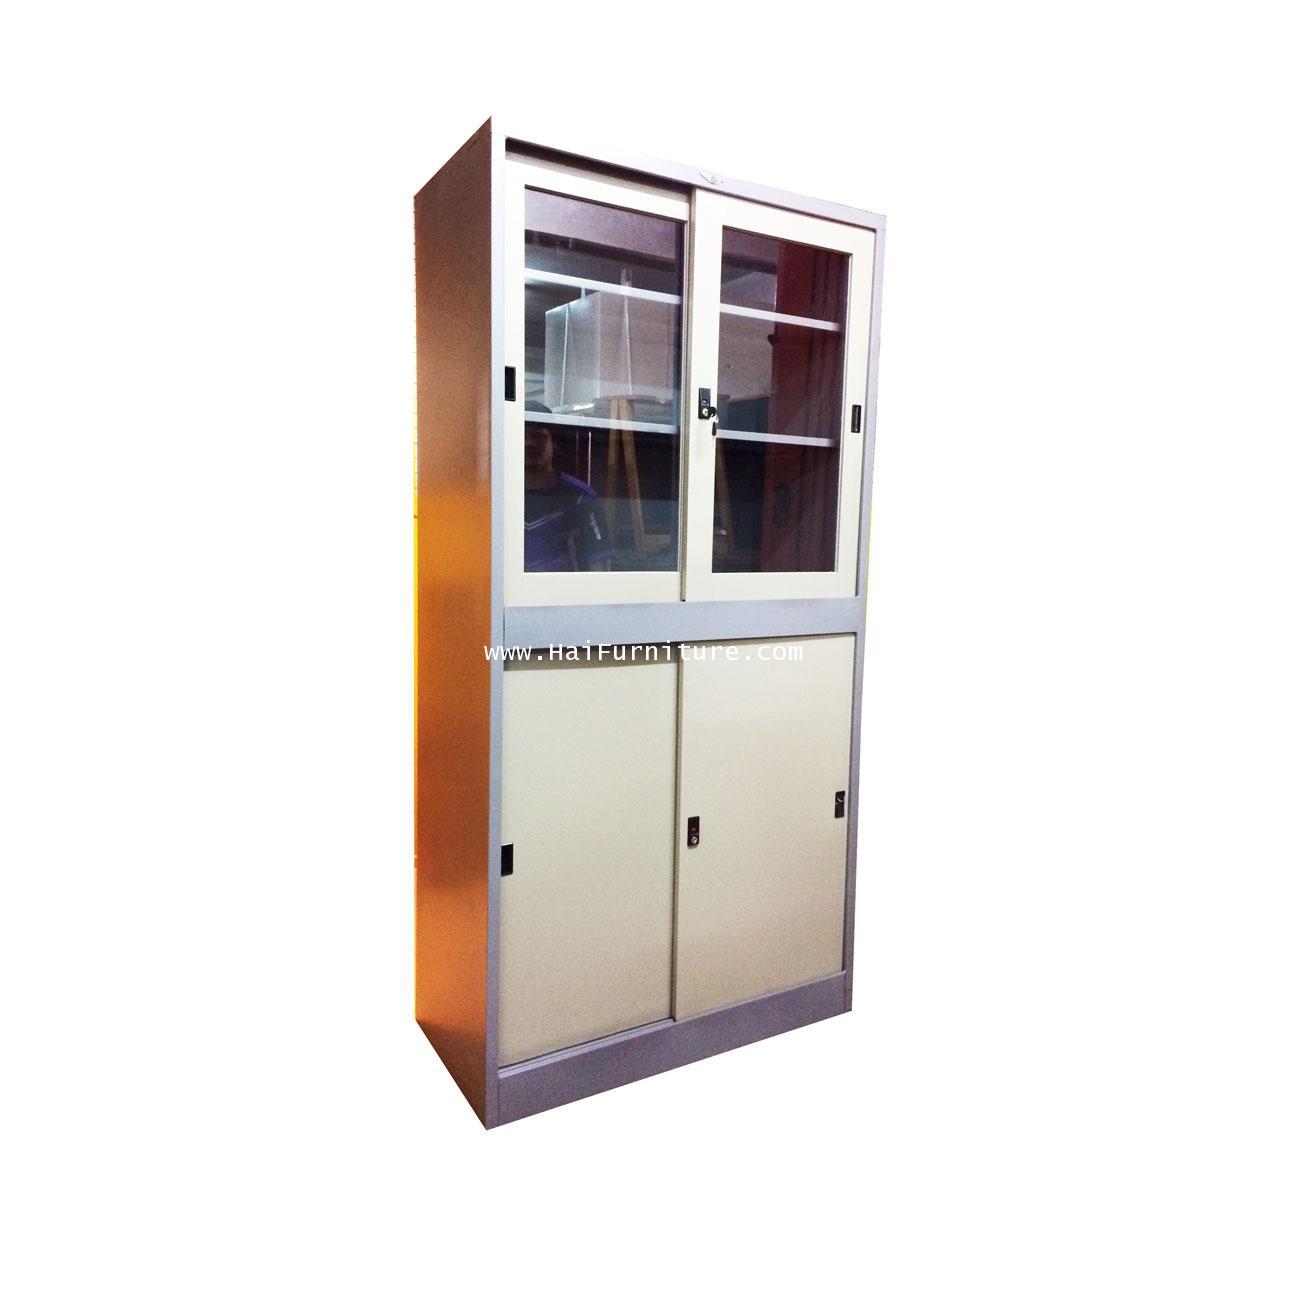 ตู้เก็บเอกสารบานเลื่อน 3 ฟุต บนกระจก ล่างทึบ Elegant SL3FH2 91.4*45.7.183 cm